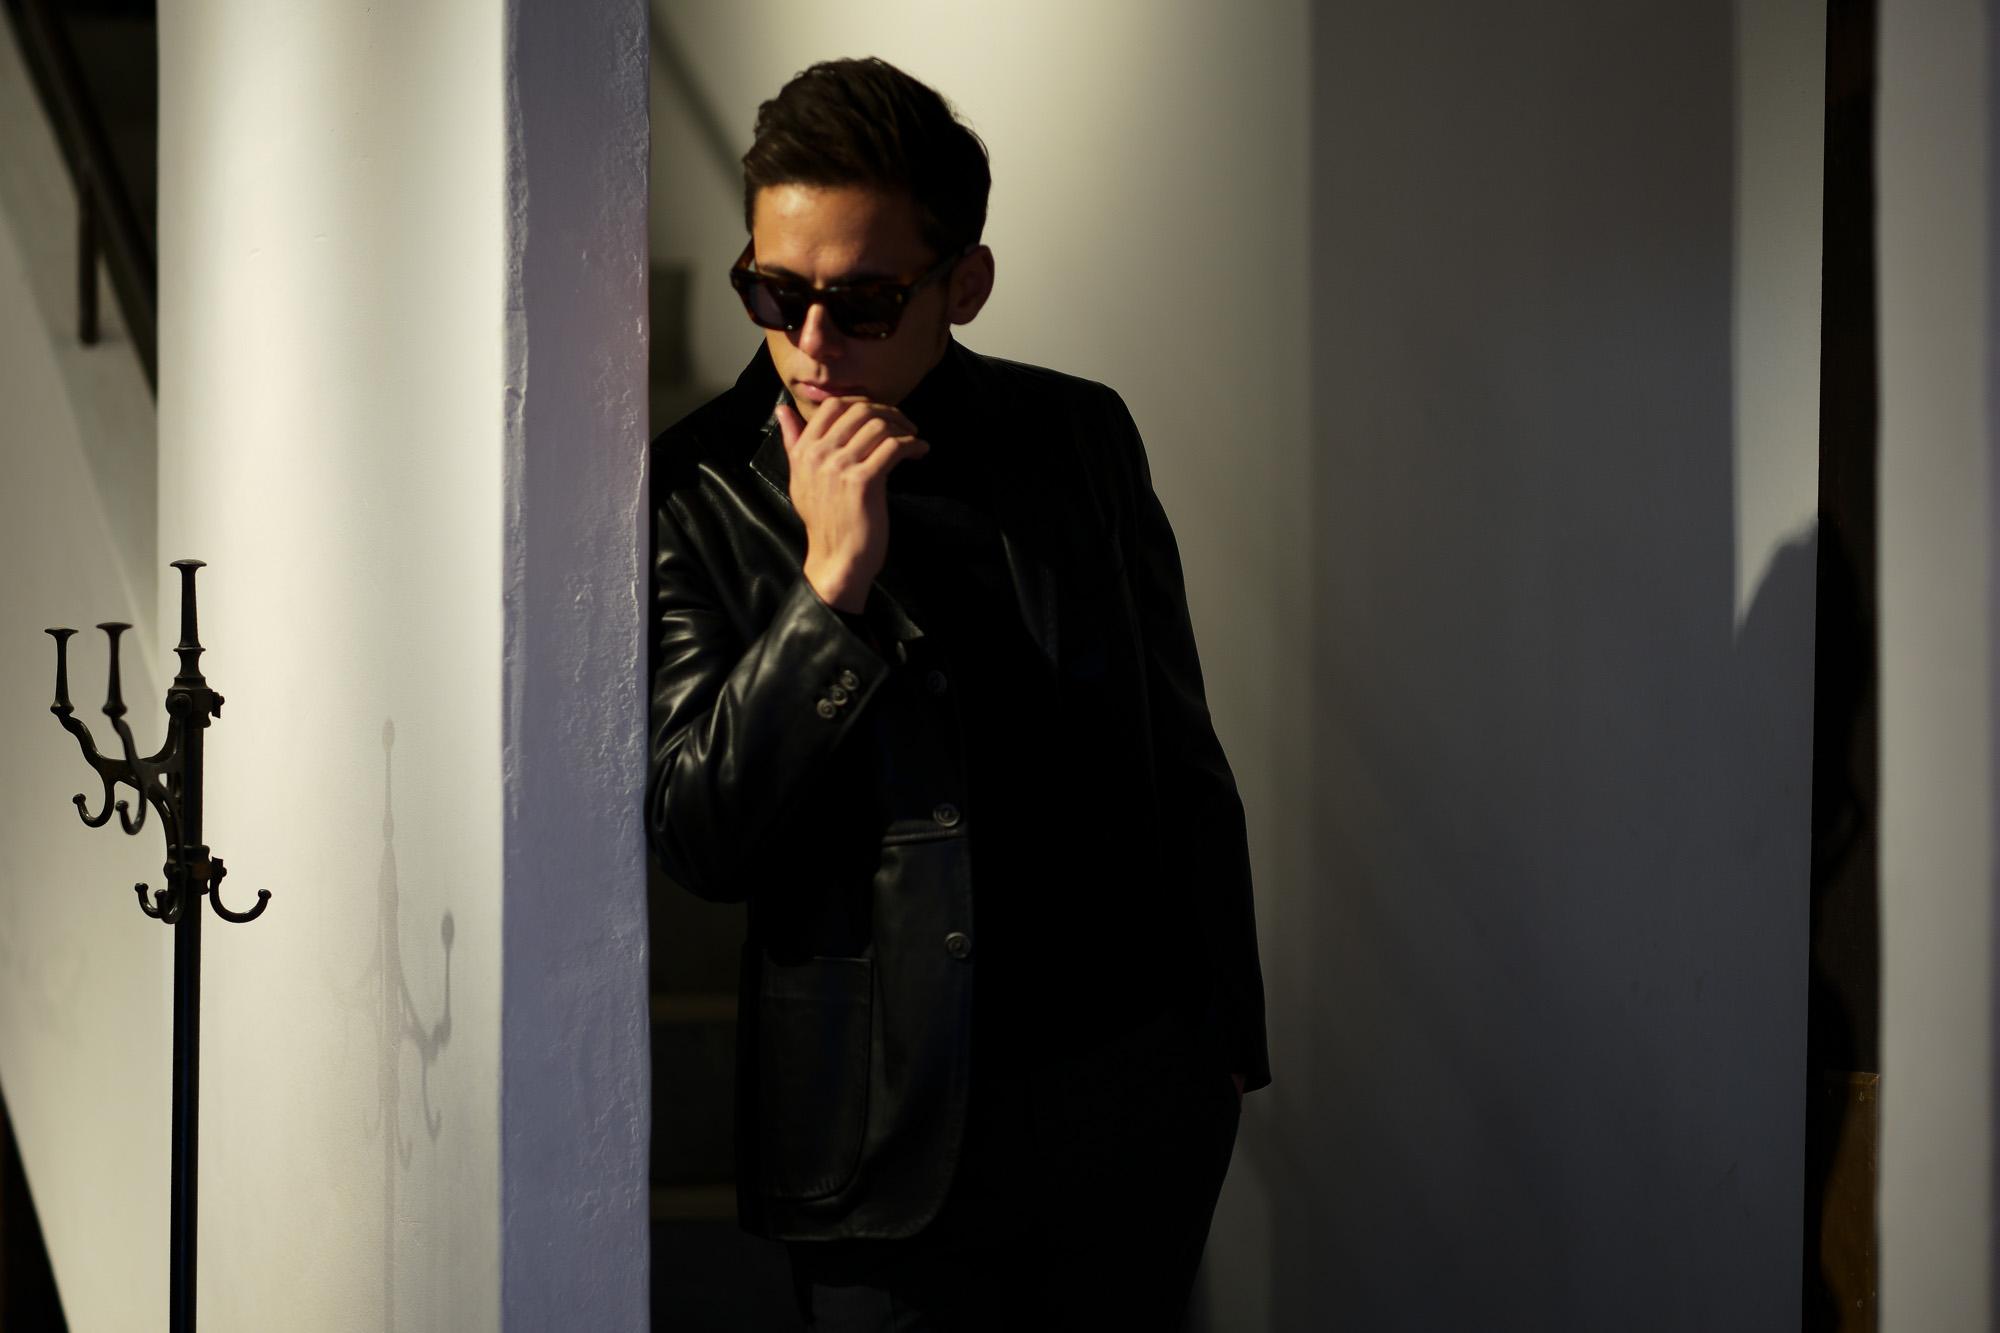 JACQUESMARIEMAGE (ジャックマリーマージュ) DEALAN (ディラン) Bob Dylan (ボブ・ディラン) 18K GOLD ゴールドパーツ ウェリントン型 アイウェア サングラス HAVANA2 (ハバナ 2) HANDCRAFTED IN JAPAN (日本製) 2019 春夏新作 愛知 名古屋 alto e diritto アルトエデリット